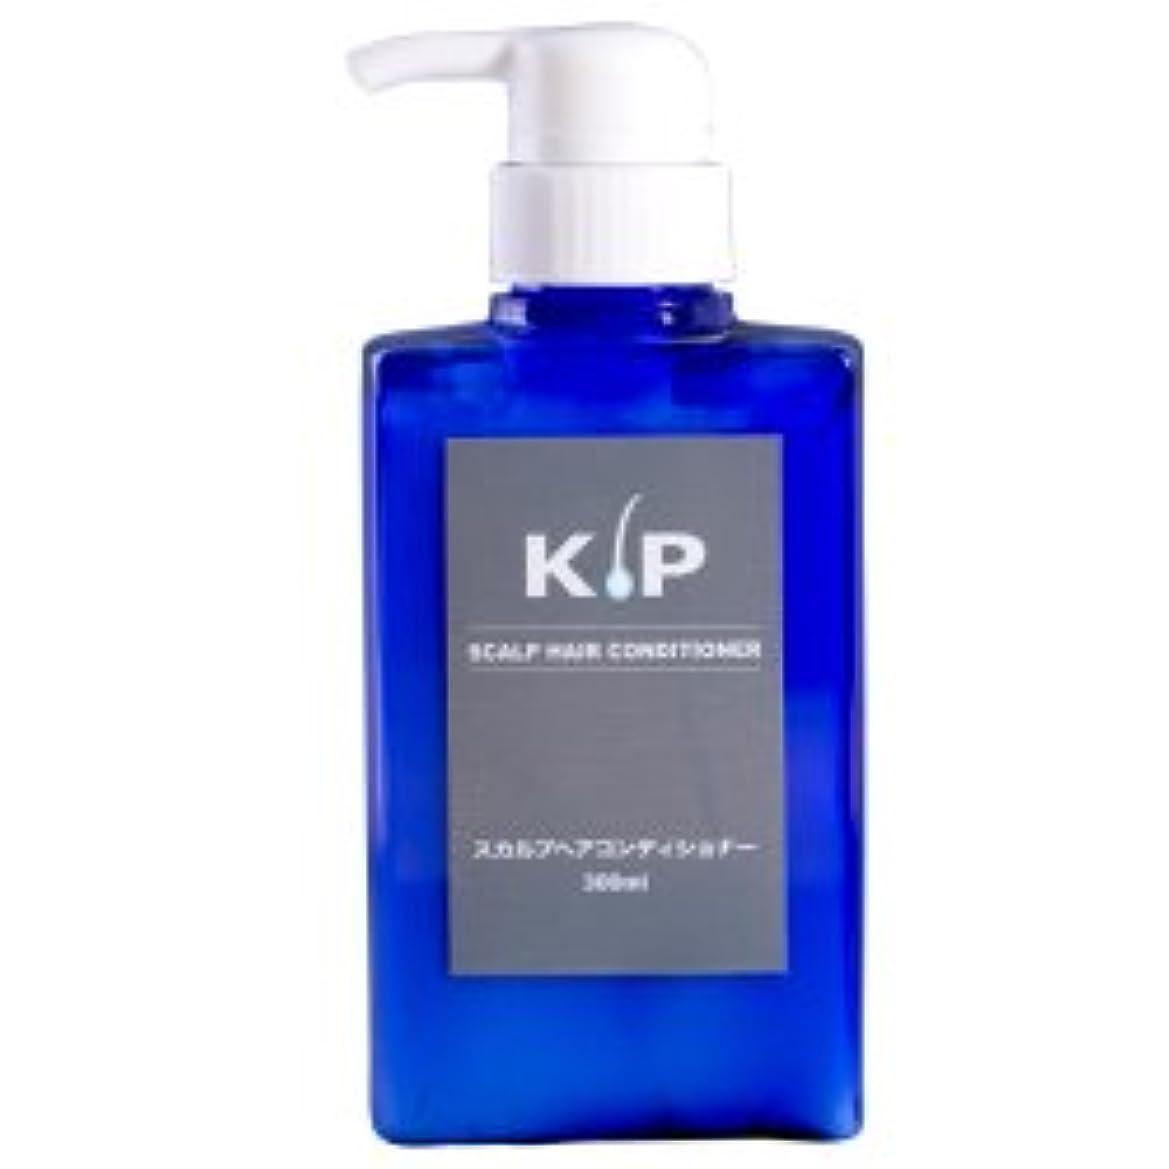 コンバーチブル雑多な影響を受けやすいですKIP スカルプヘア コンディショナー